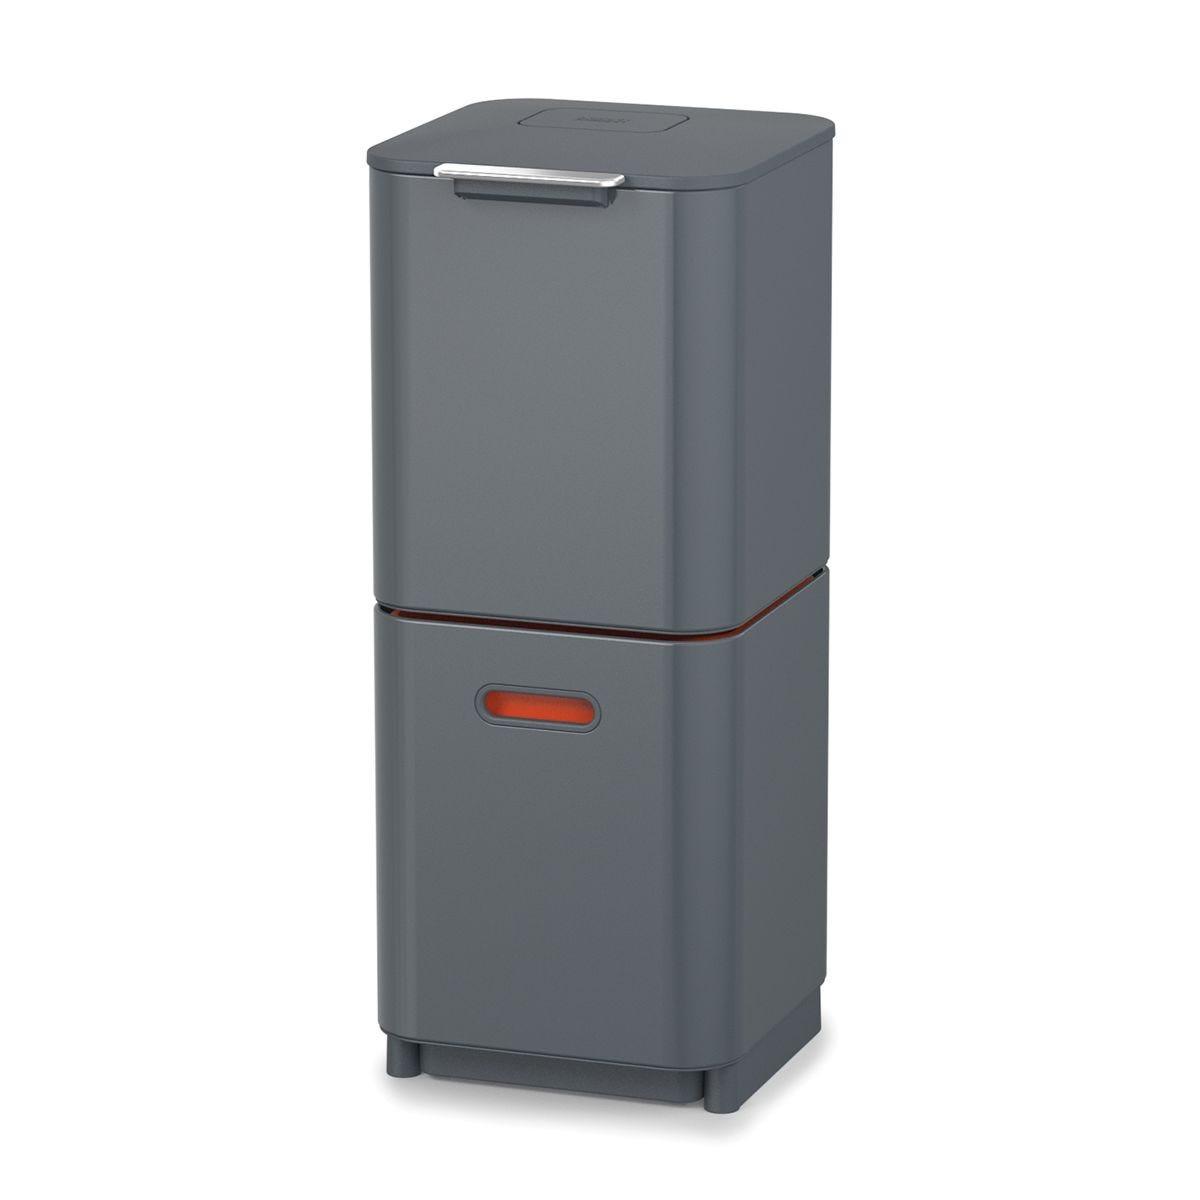 Joseph Joseph Totem Compact 40-litre Waste Separation Unit - Graphite